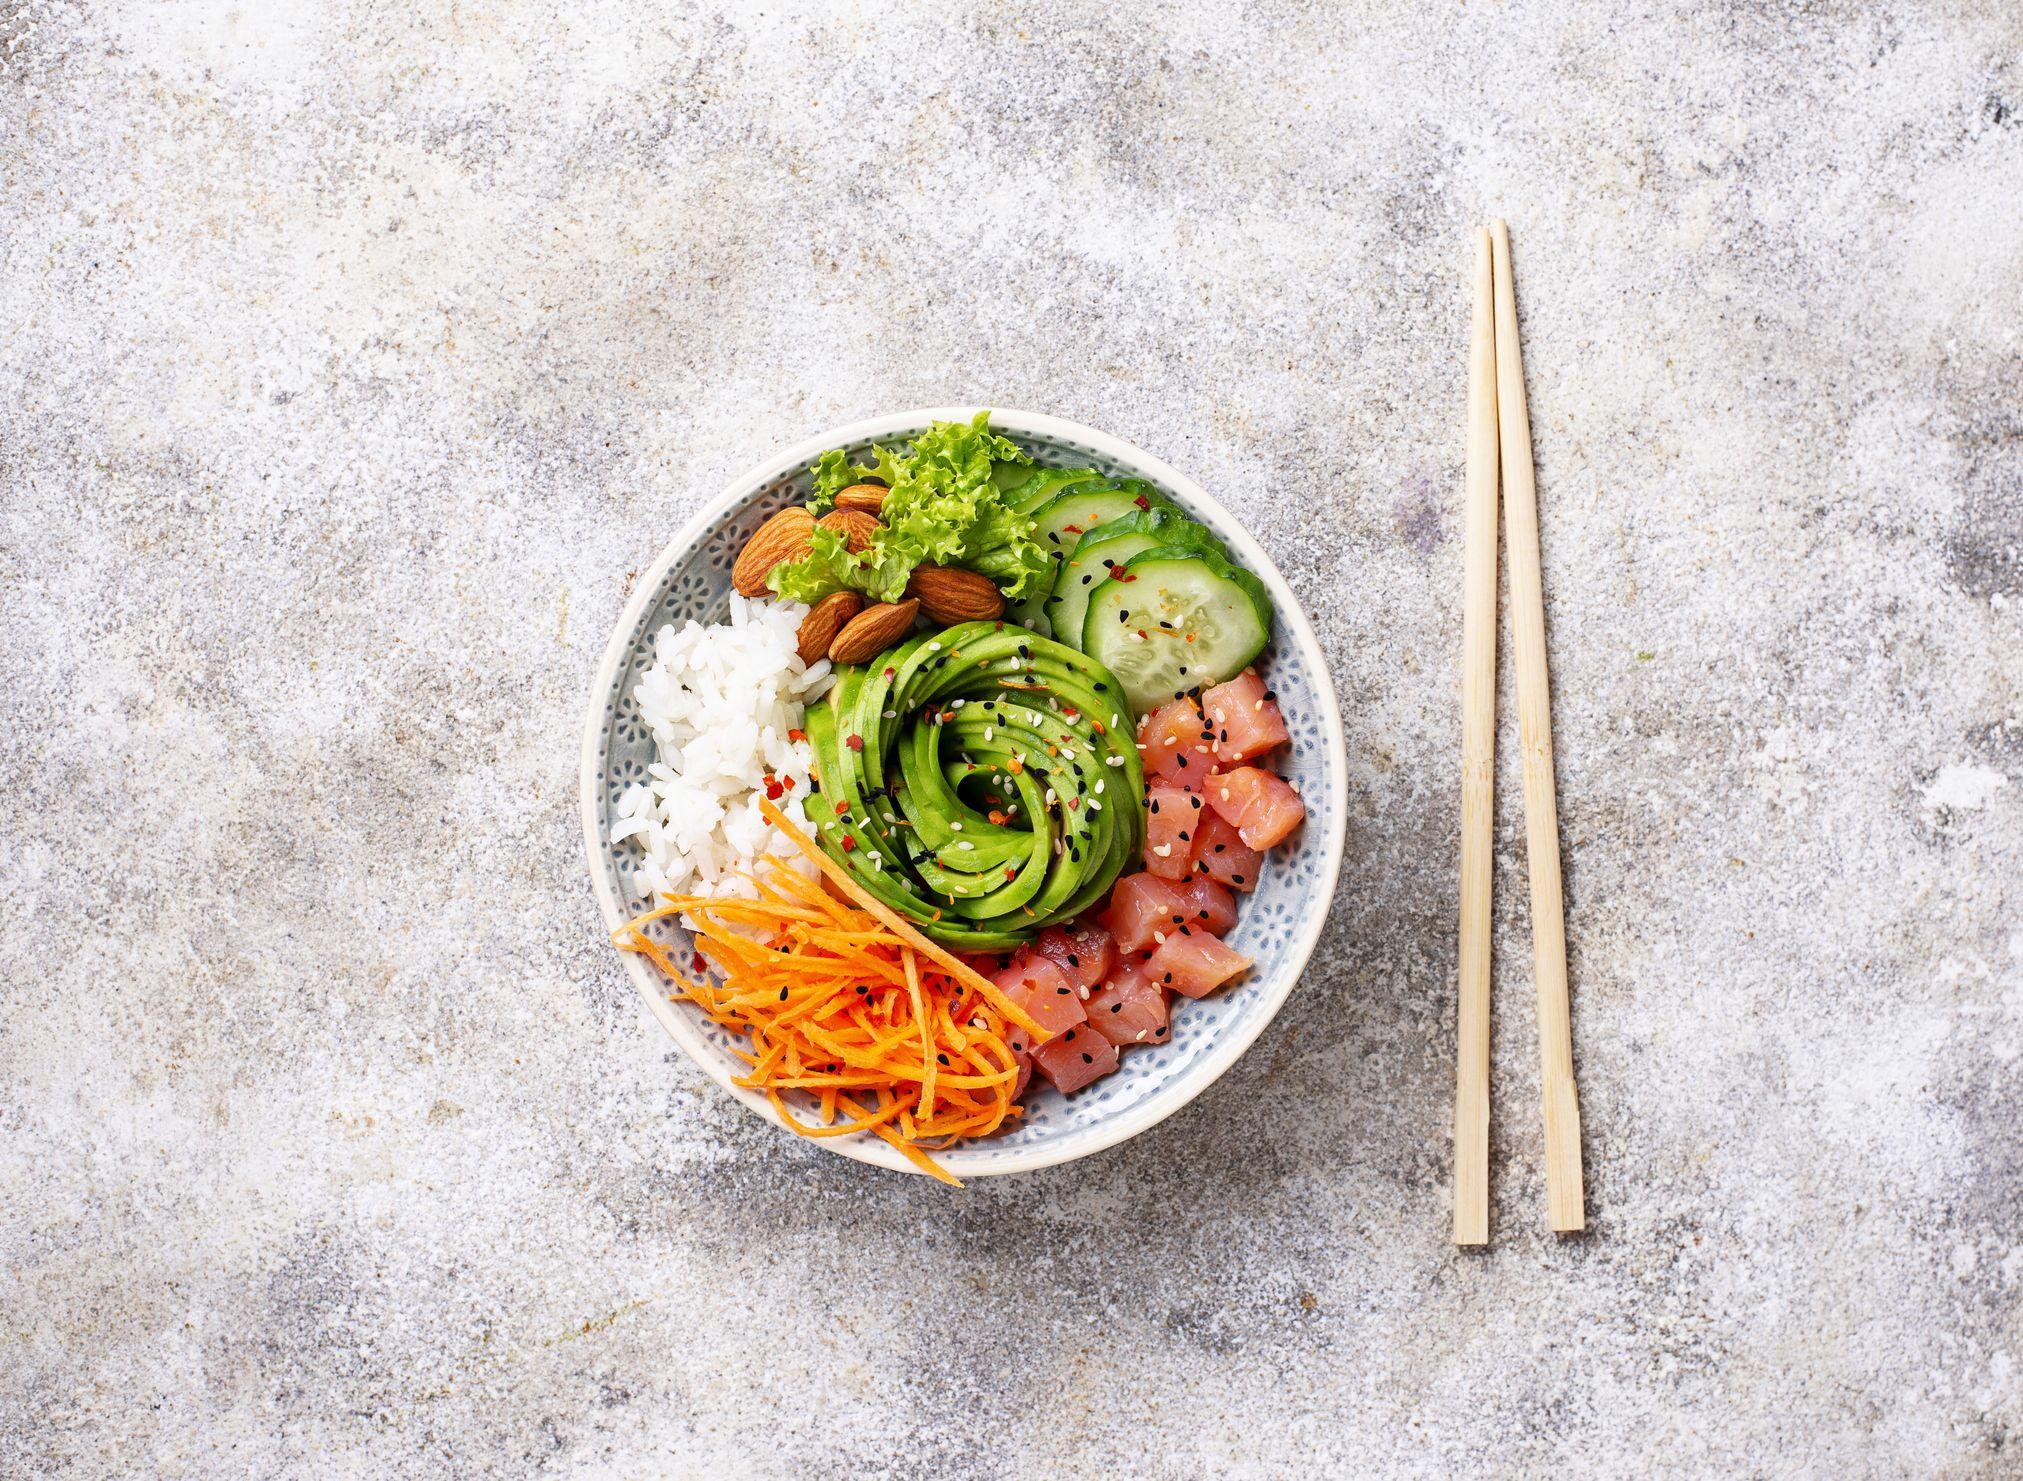 seguir una dieta saludable traduccion